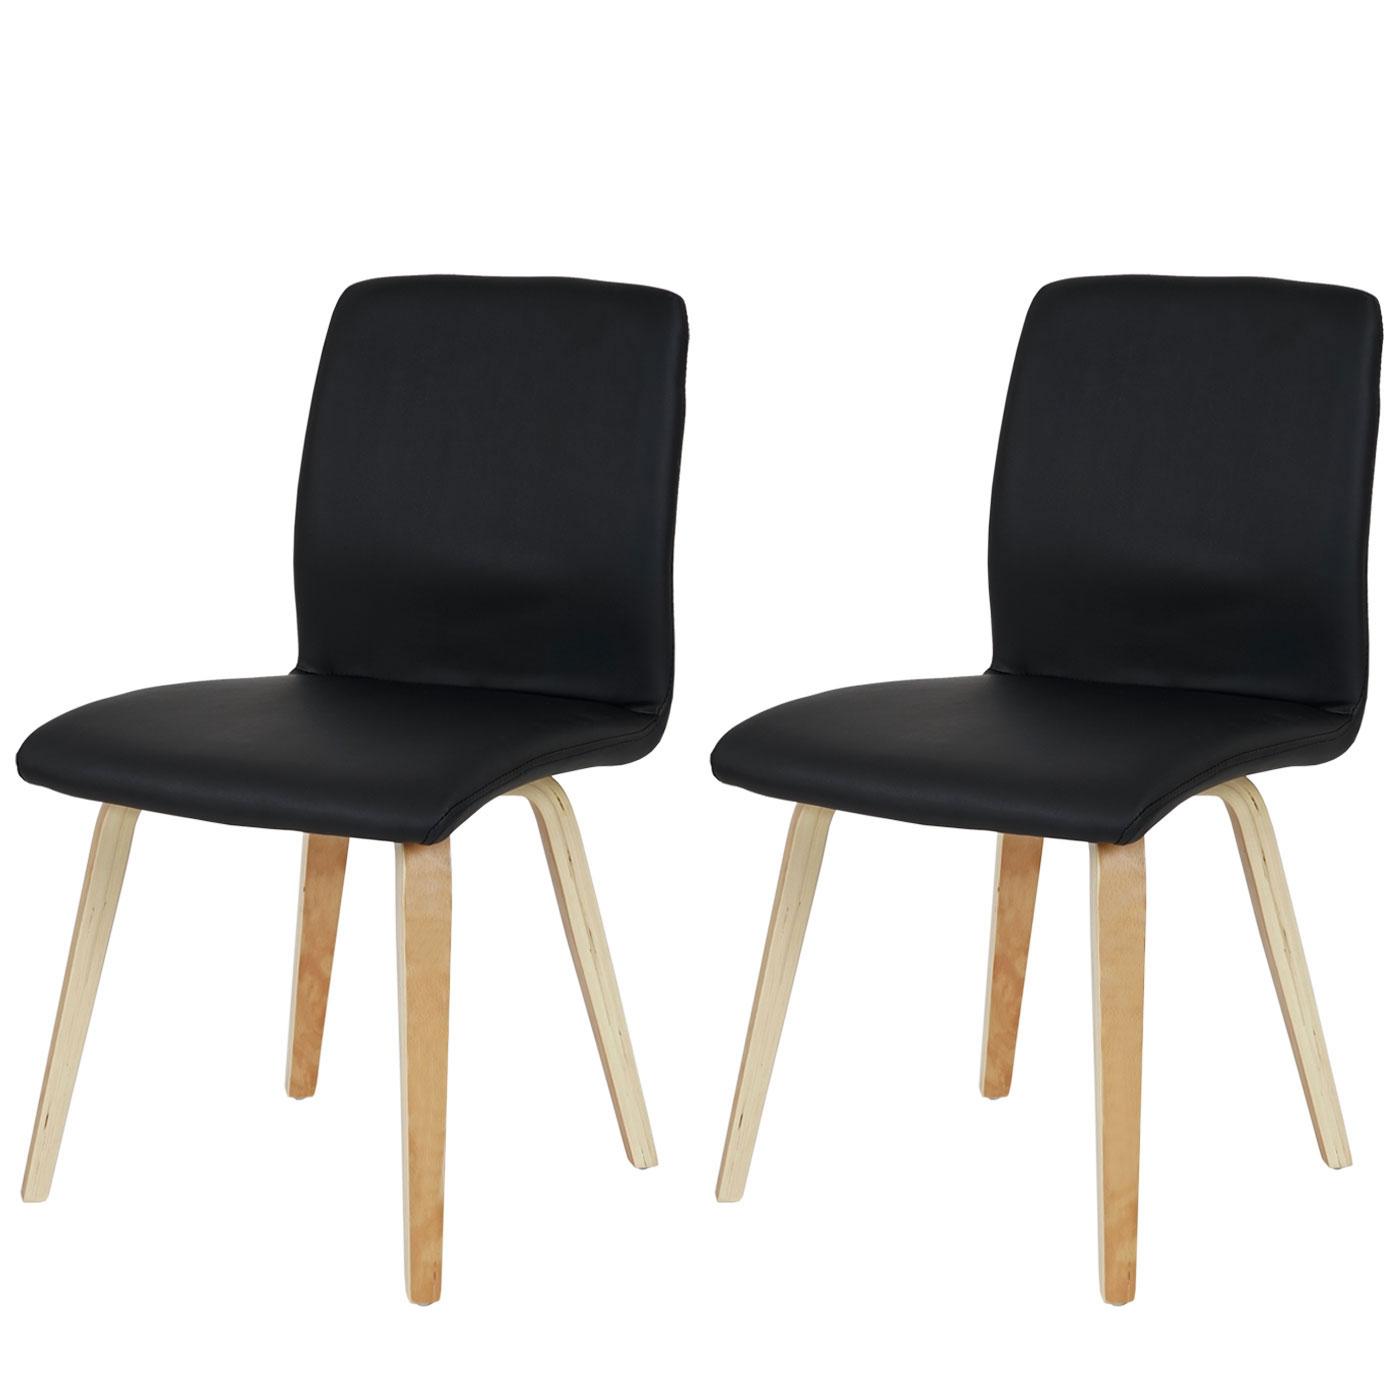 2x esszimmerstuhl bendorf stuhl lehnstuhl retro helle beine kunstleder schwarz. Black Bedroom Furniture Sets. Home Design Ideas